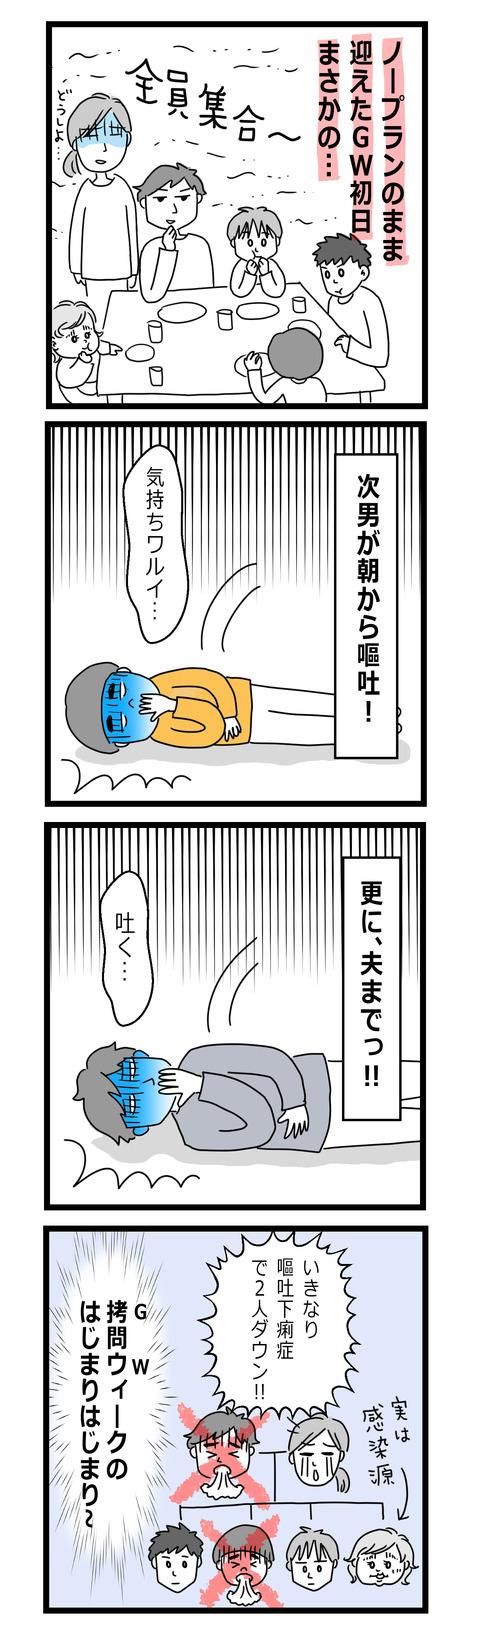 68 ごうもんウィーク(1才〜1才半)